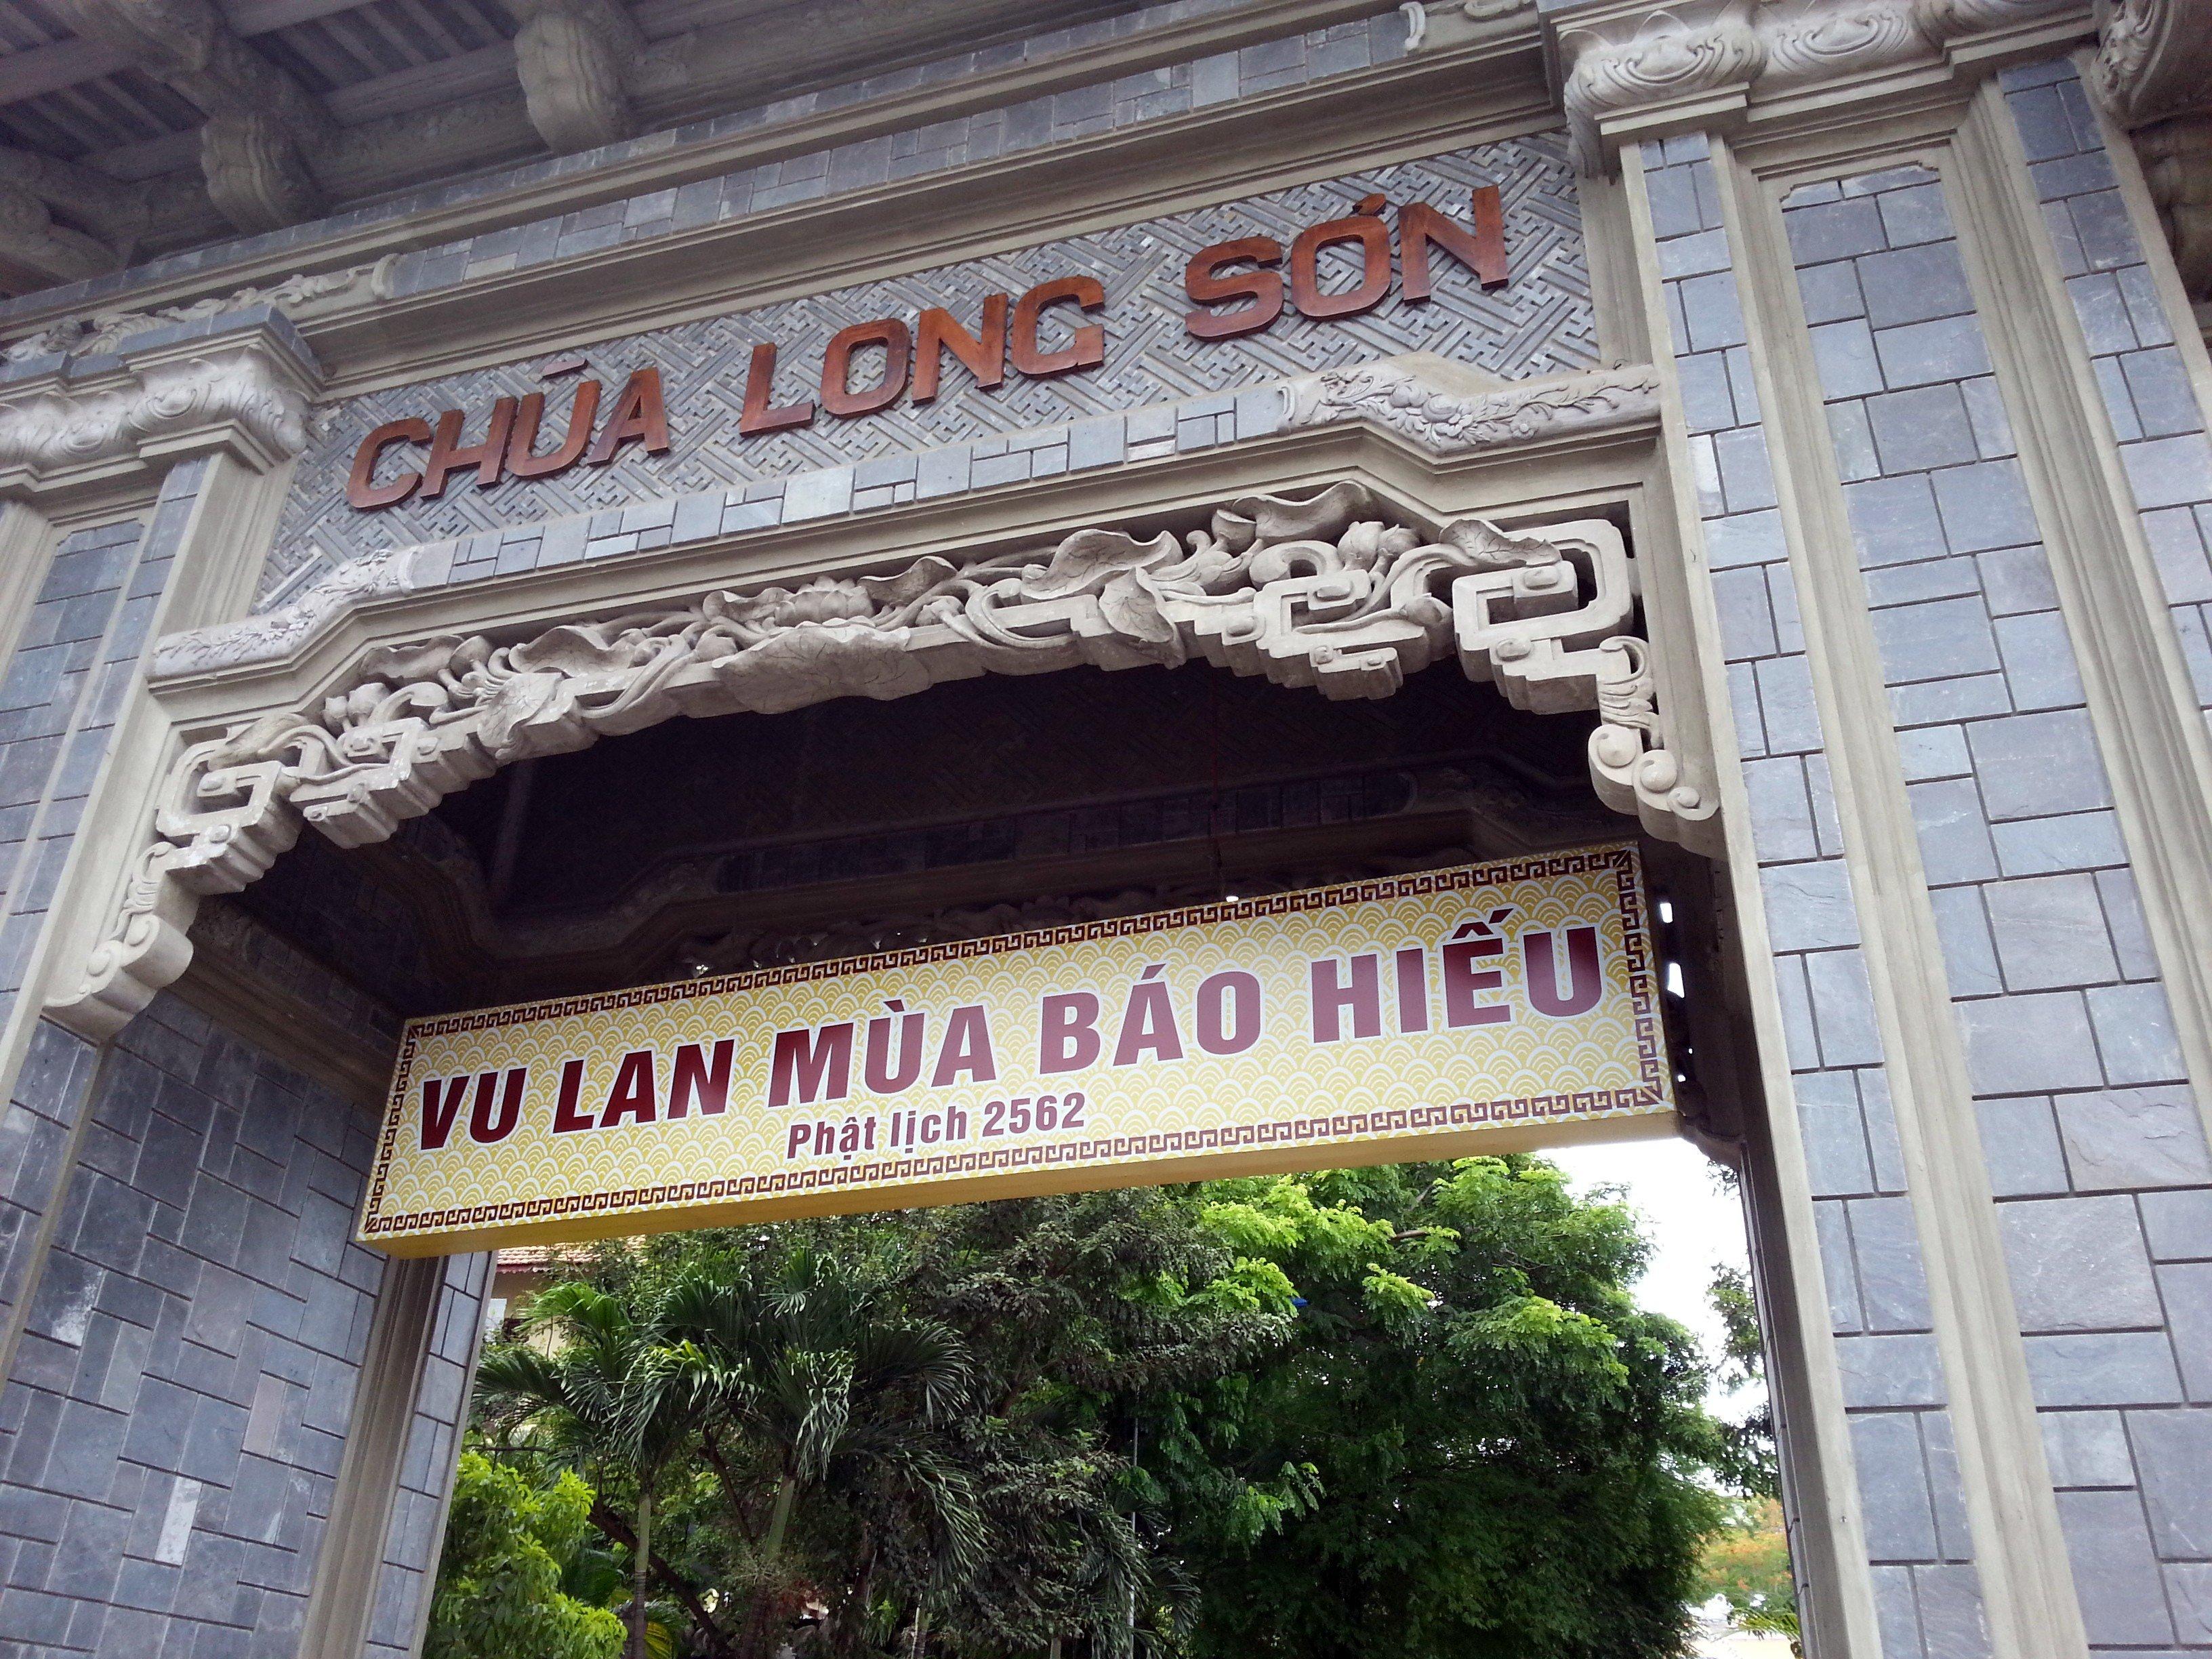 Entrance to Long Son Pagoda